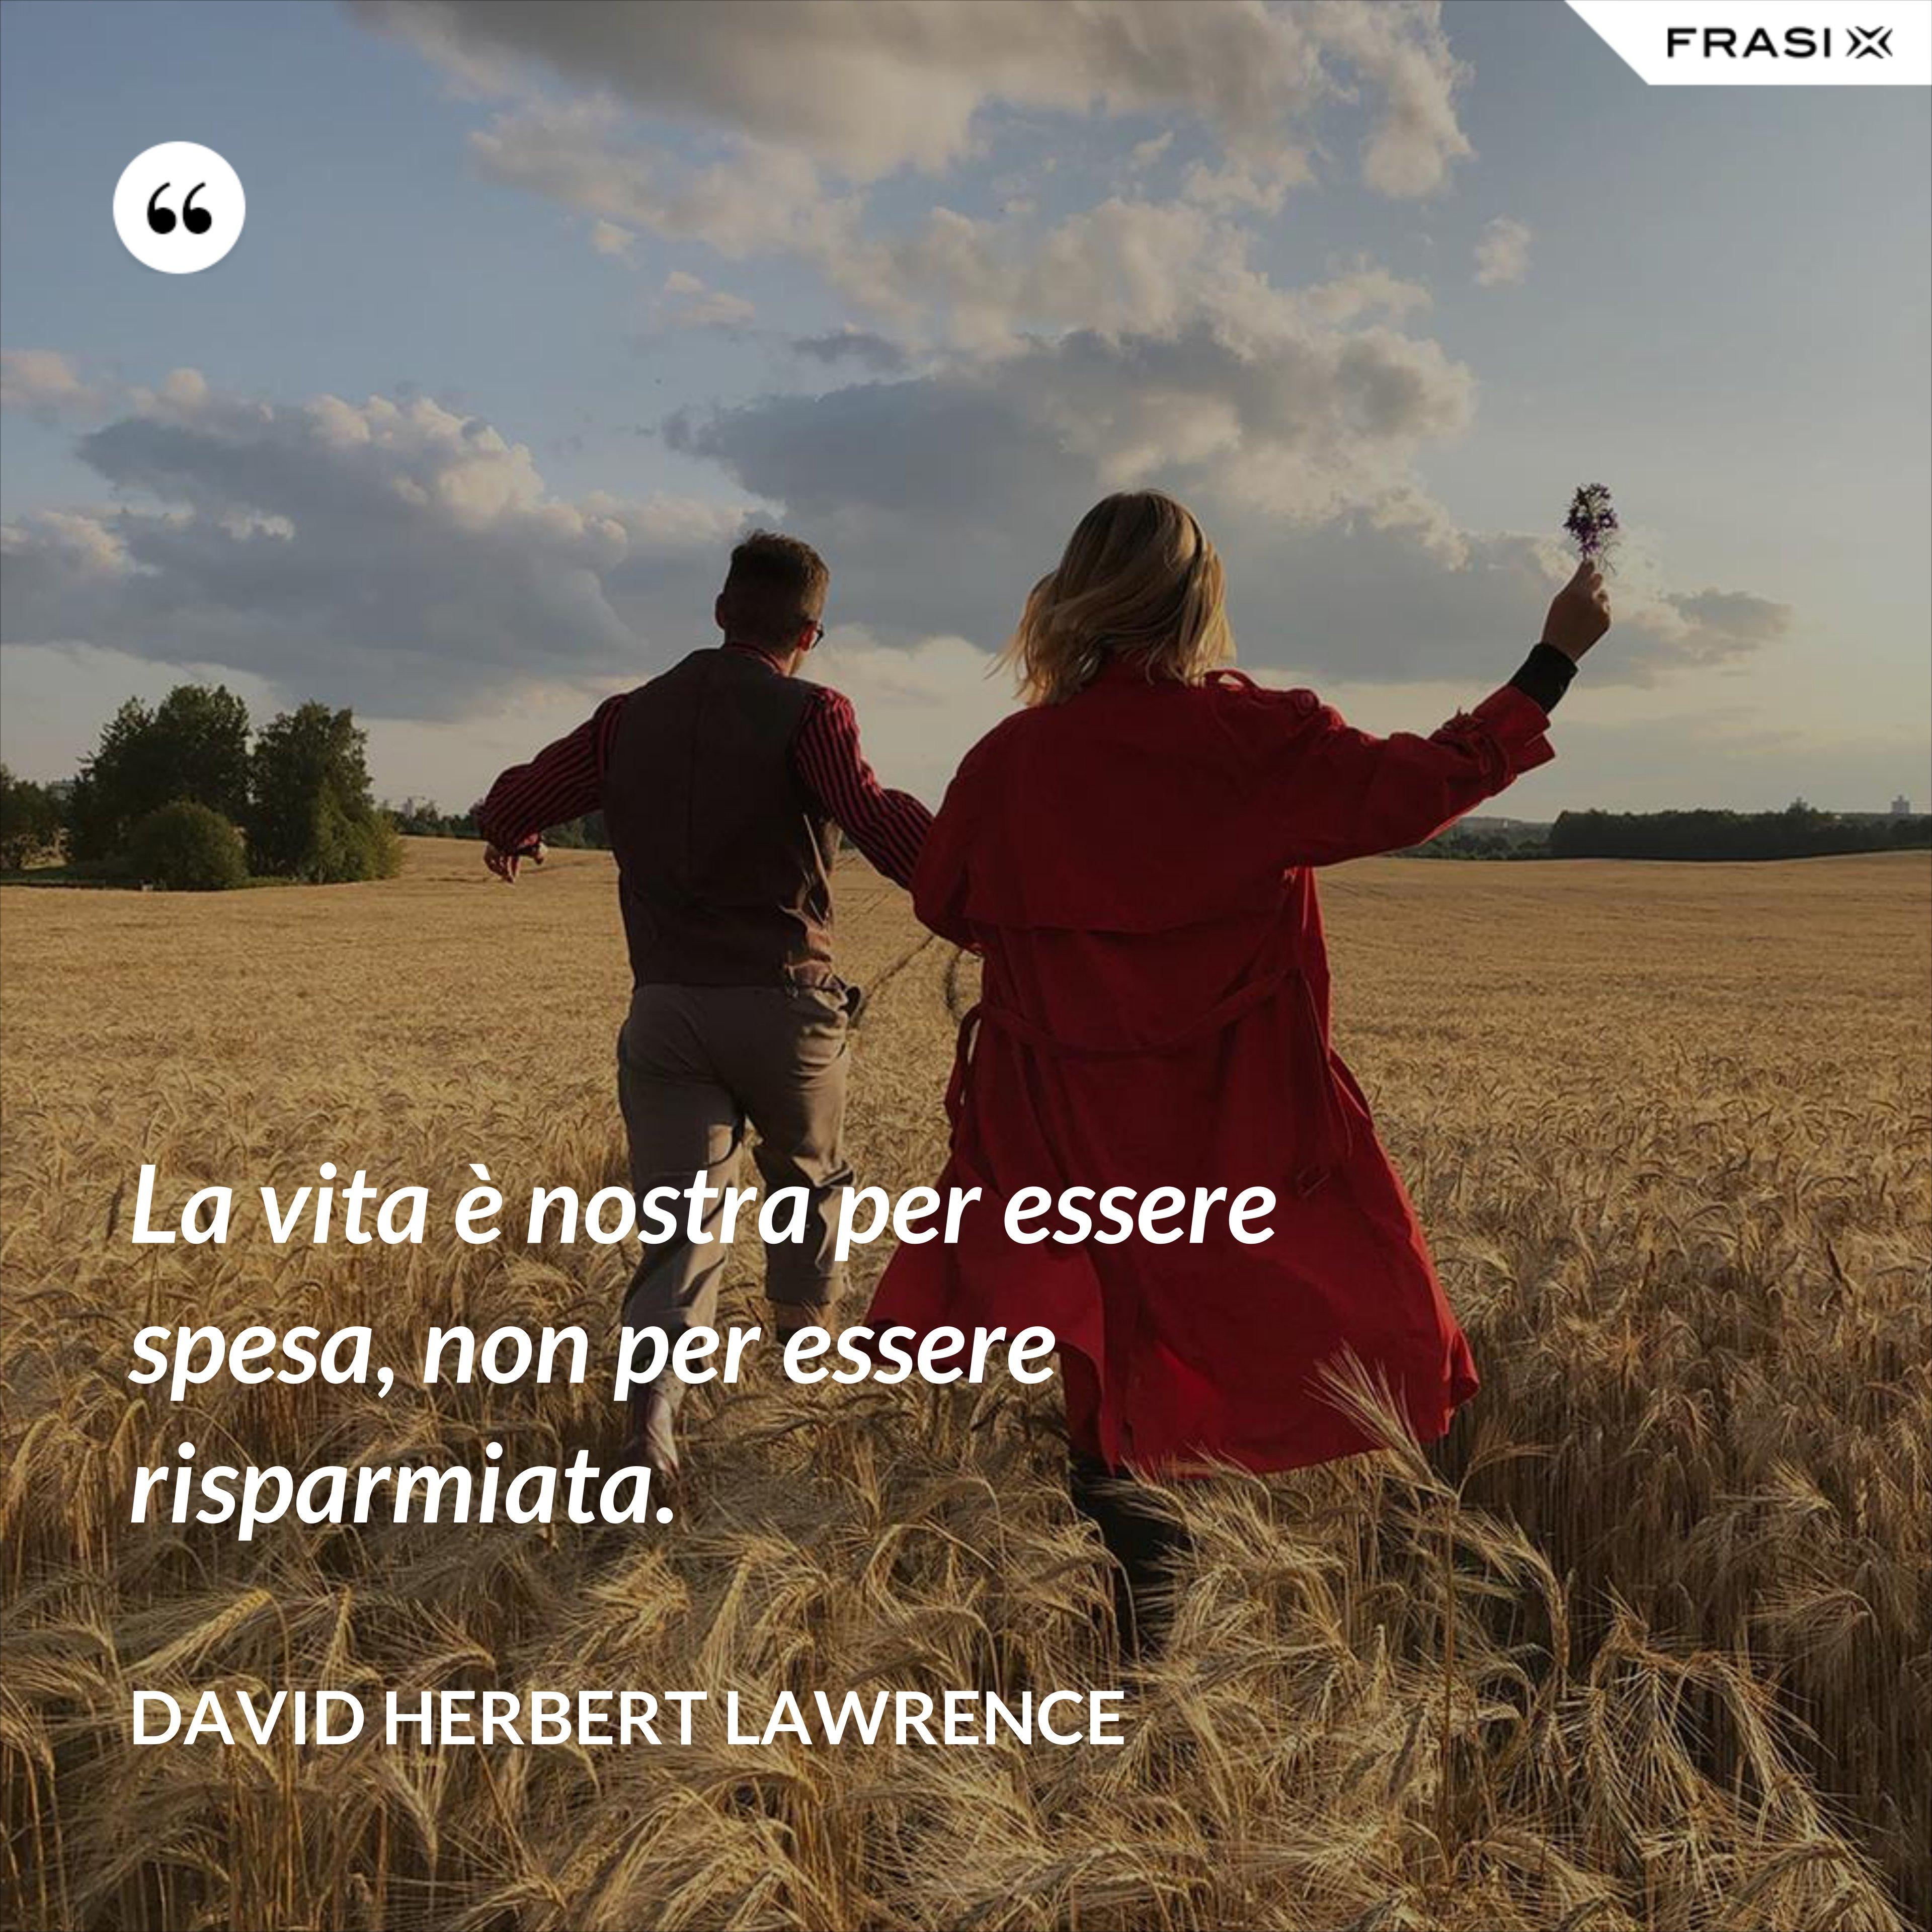 La vita è nostra per essere spesa, non per essere risparmiata. - David Herbert Lawrence